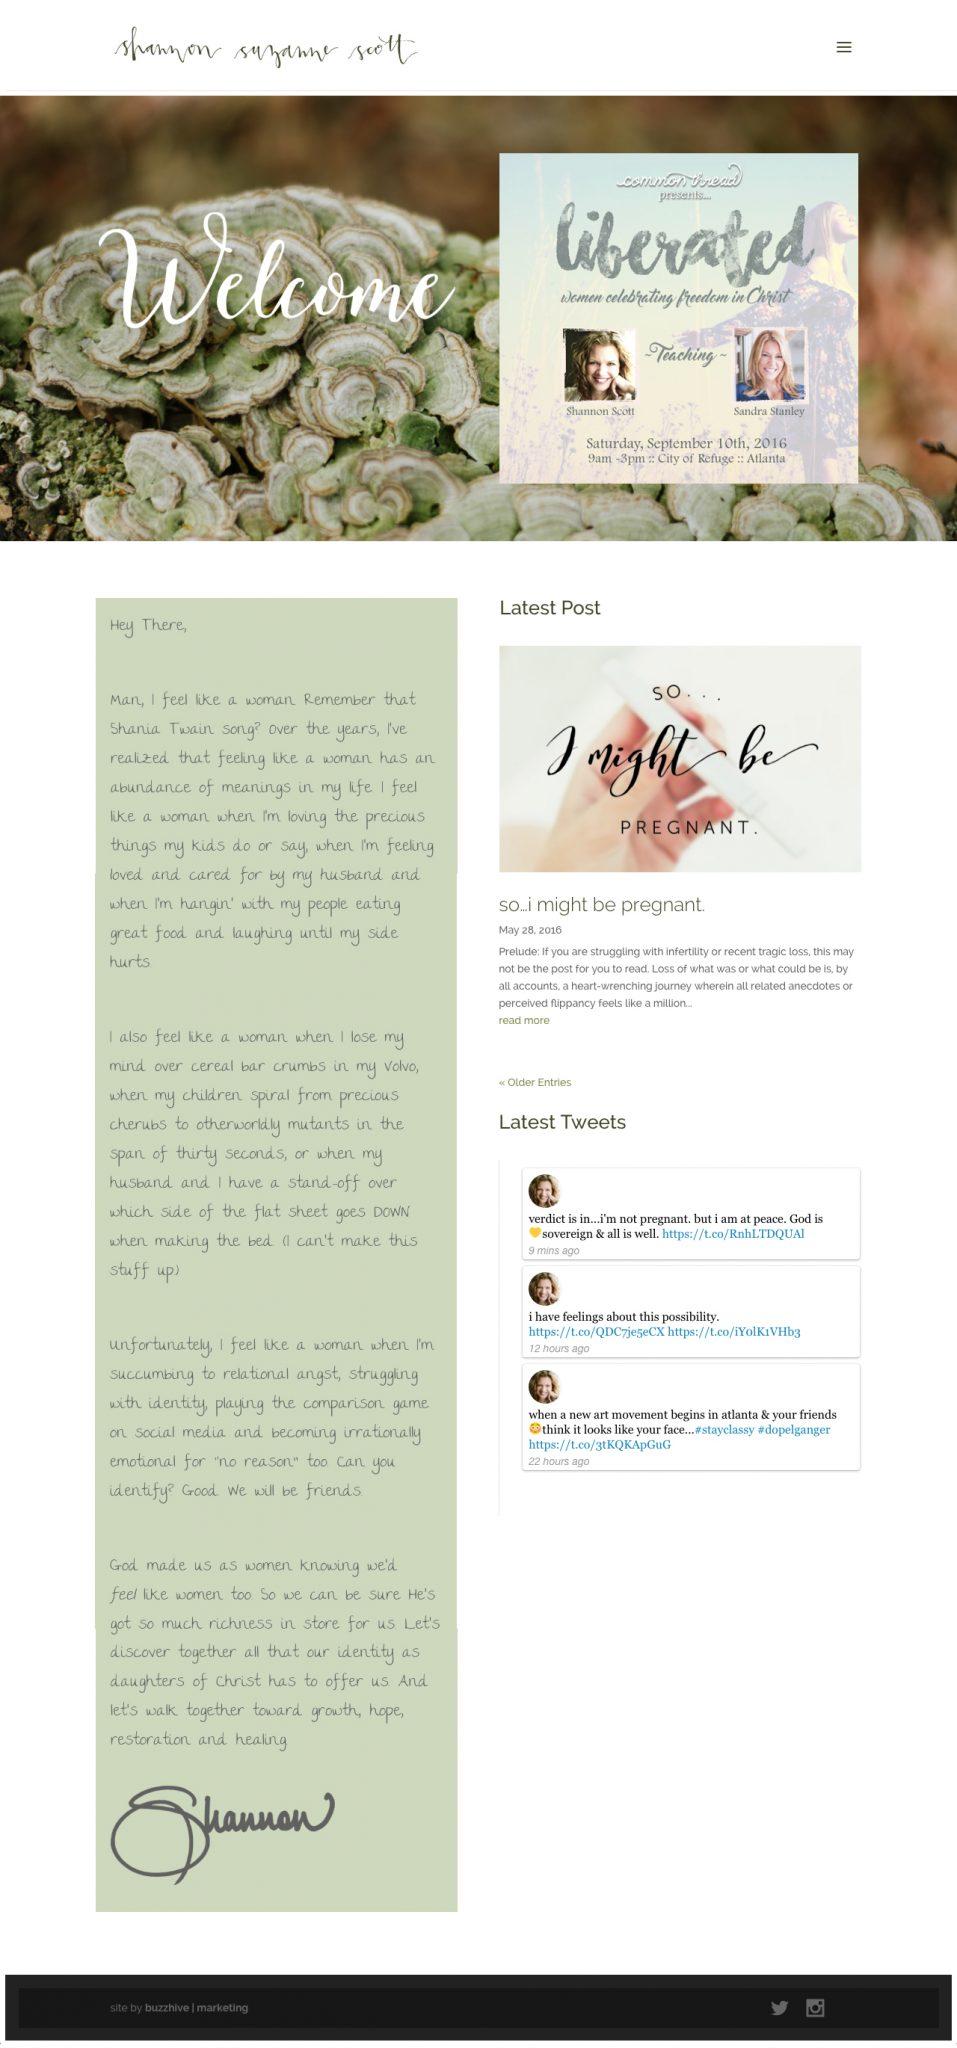 ShannonSuzanneScott.com_ Web Design & Development